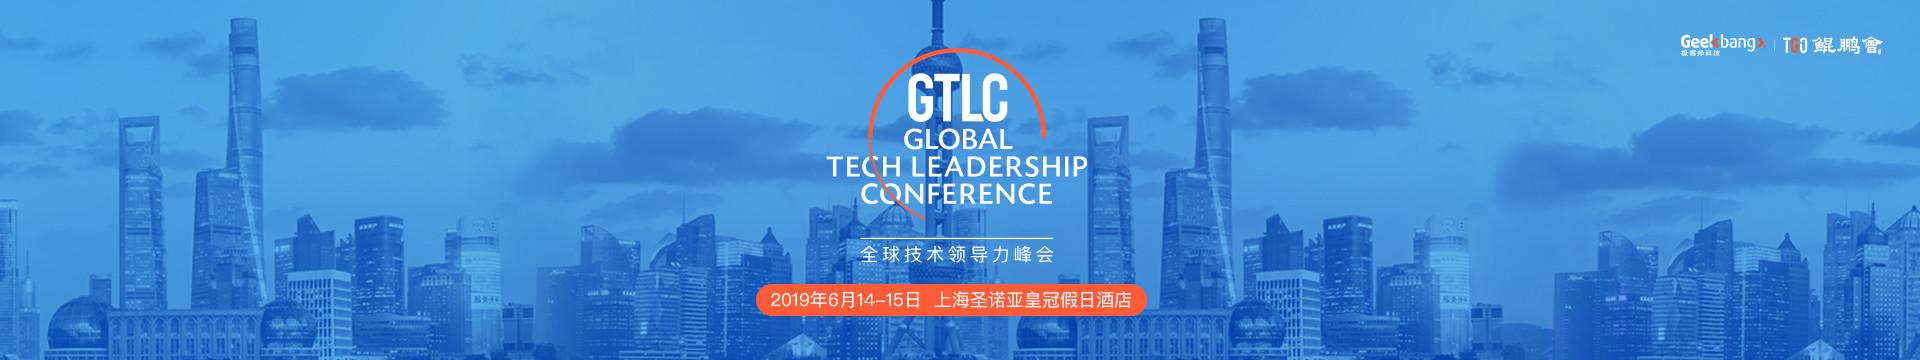 GTLC 2019全球技术领导力峰会 | 上海